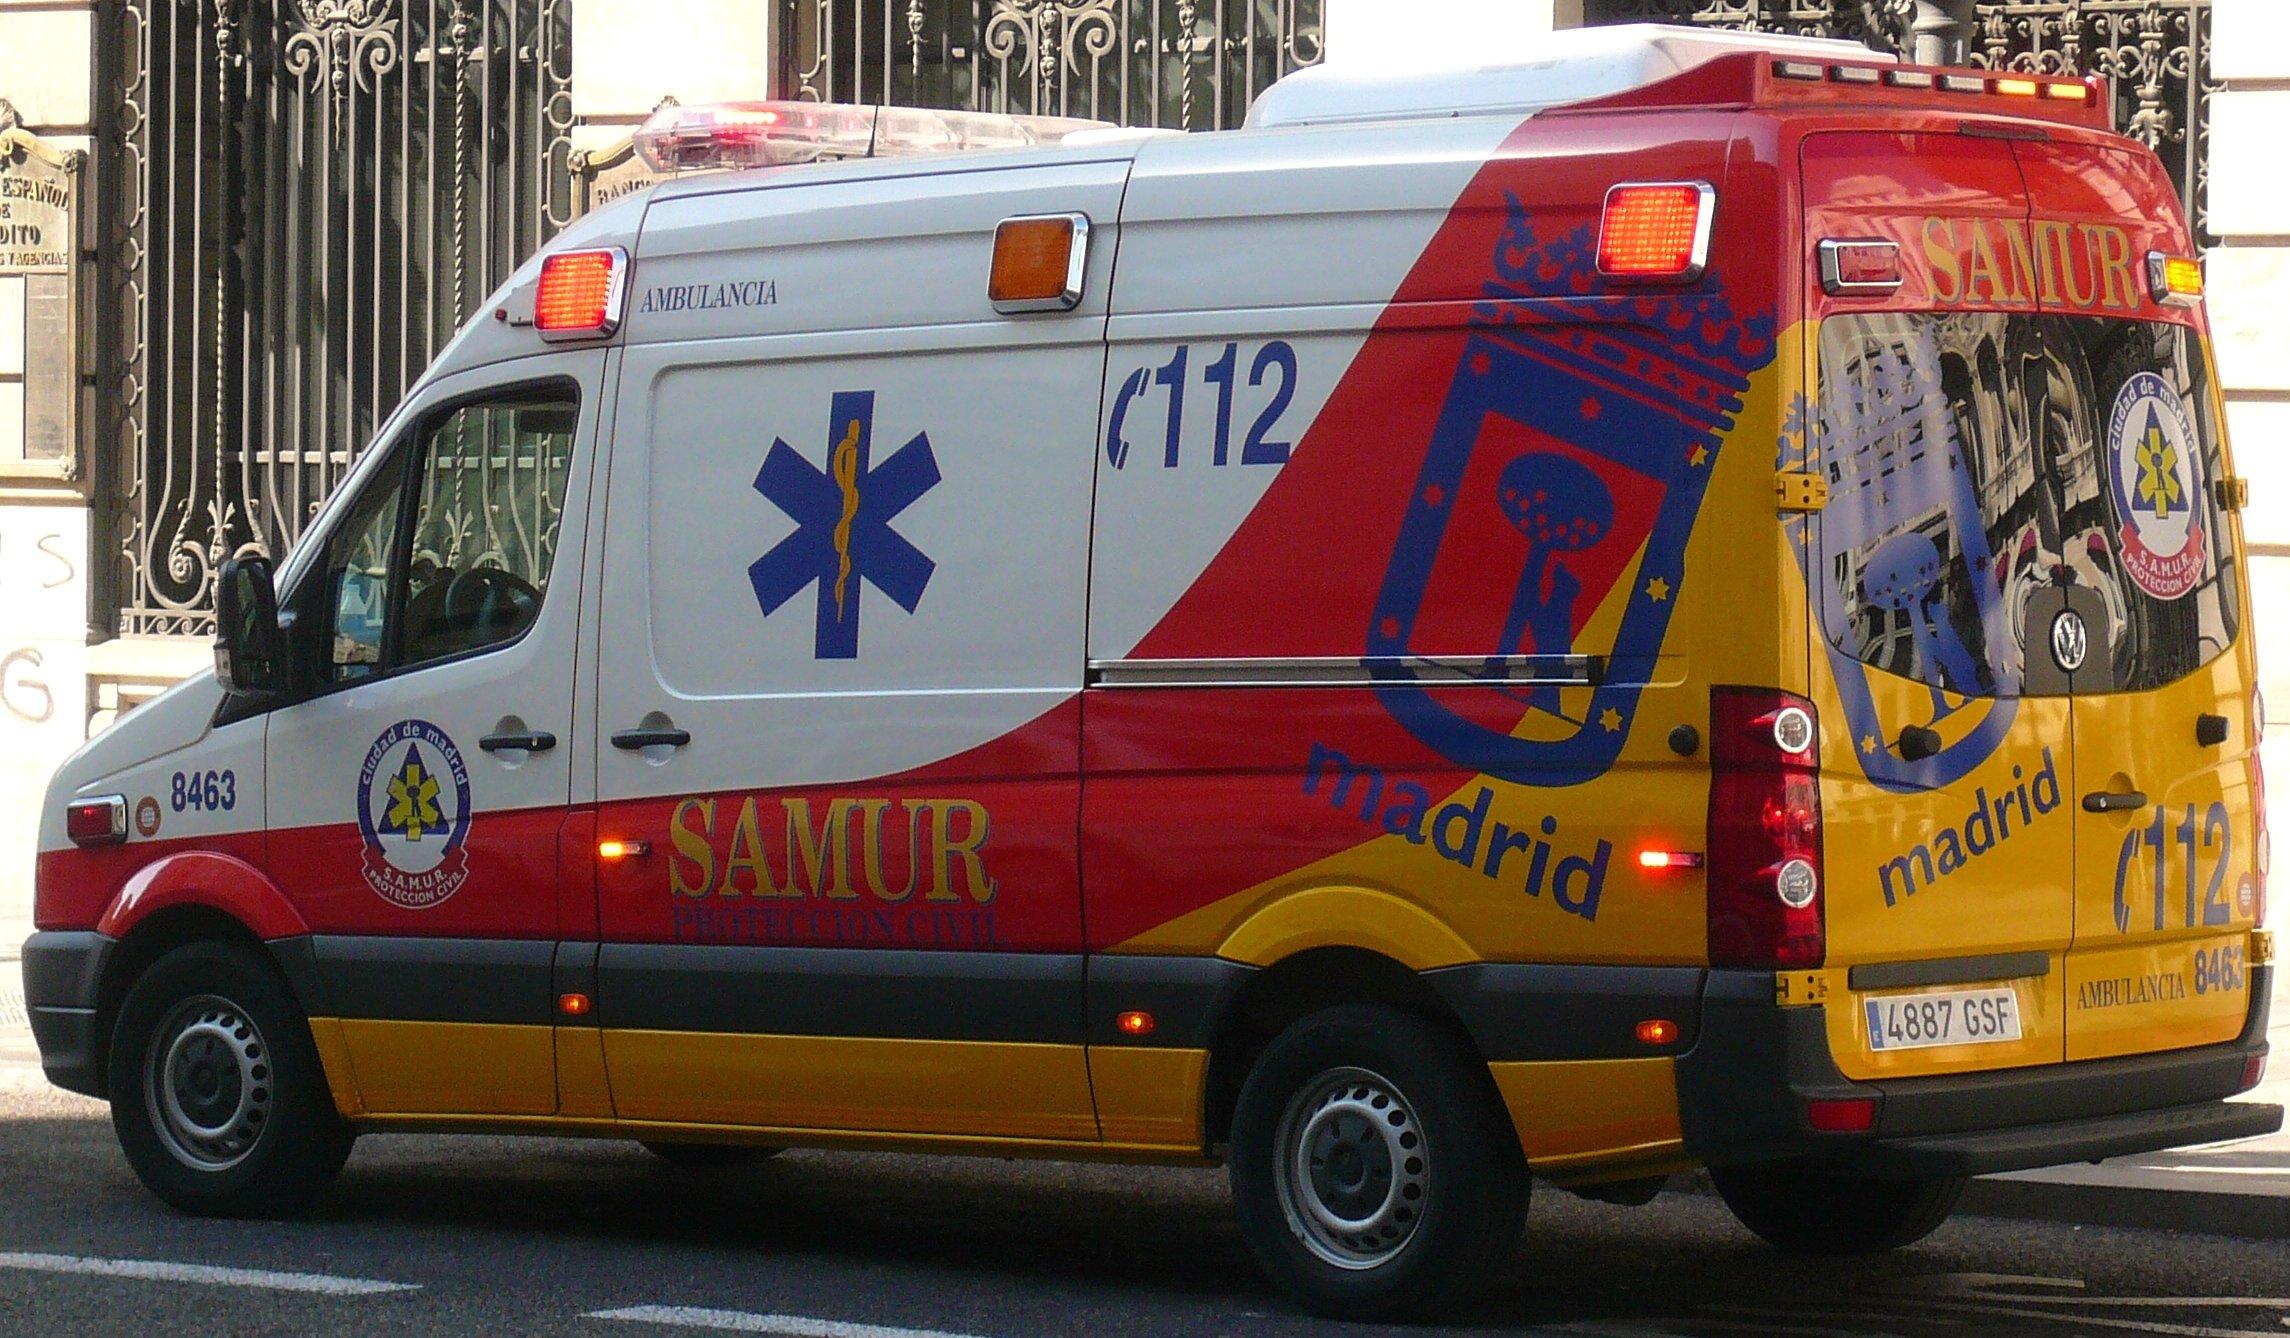 Técnico en Emergencias Sanitarias, atención primaria y traslado